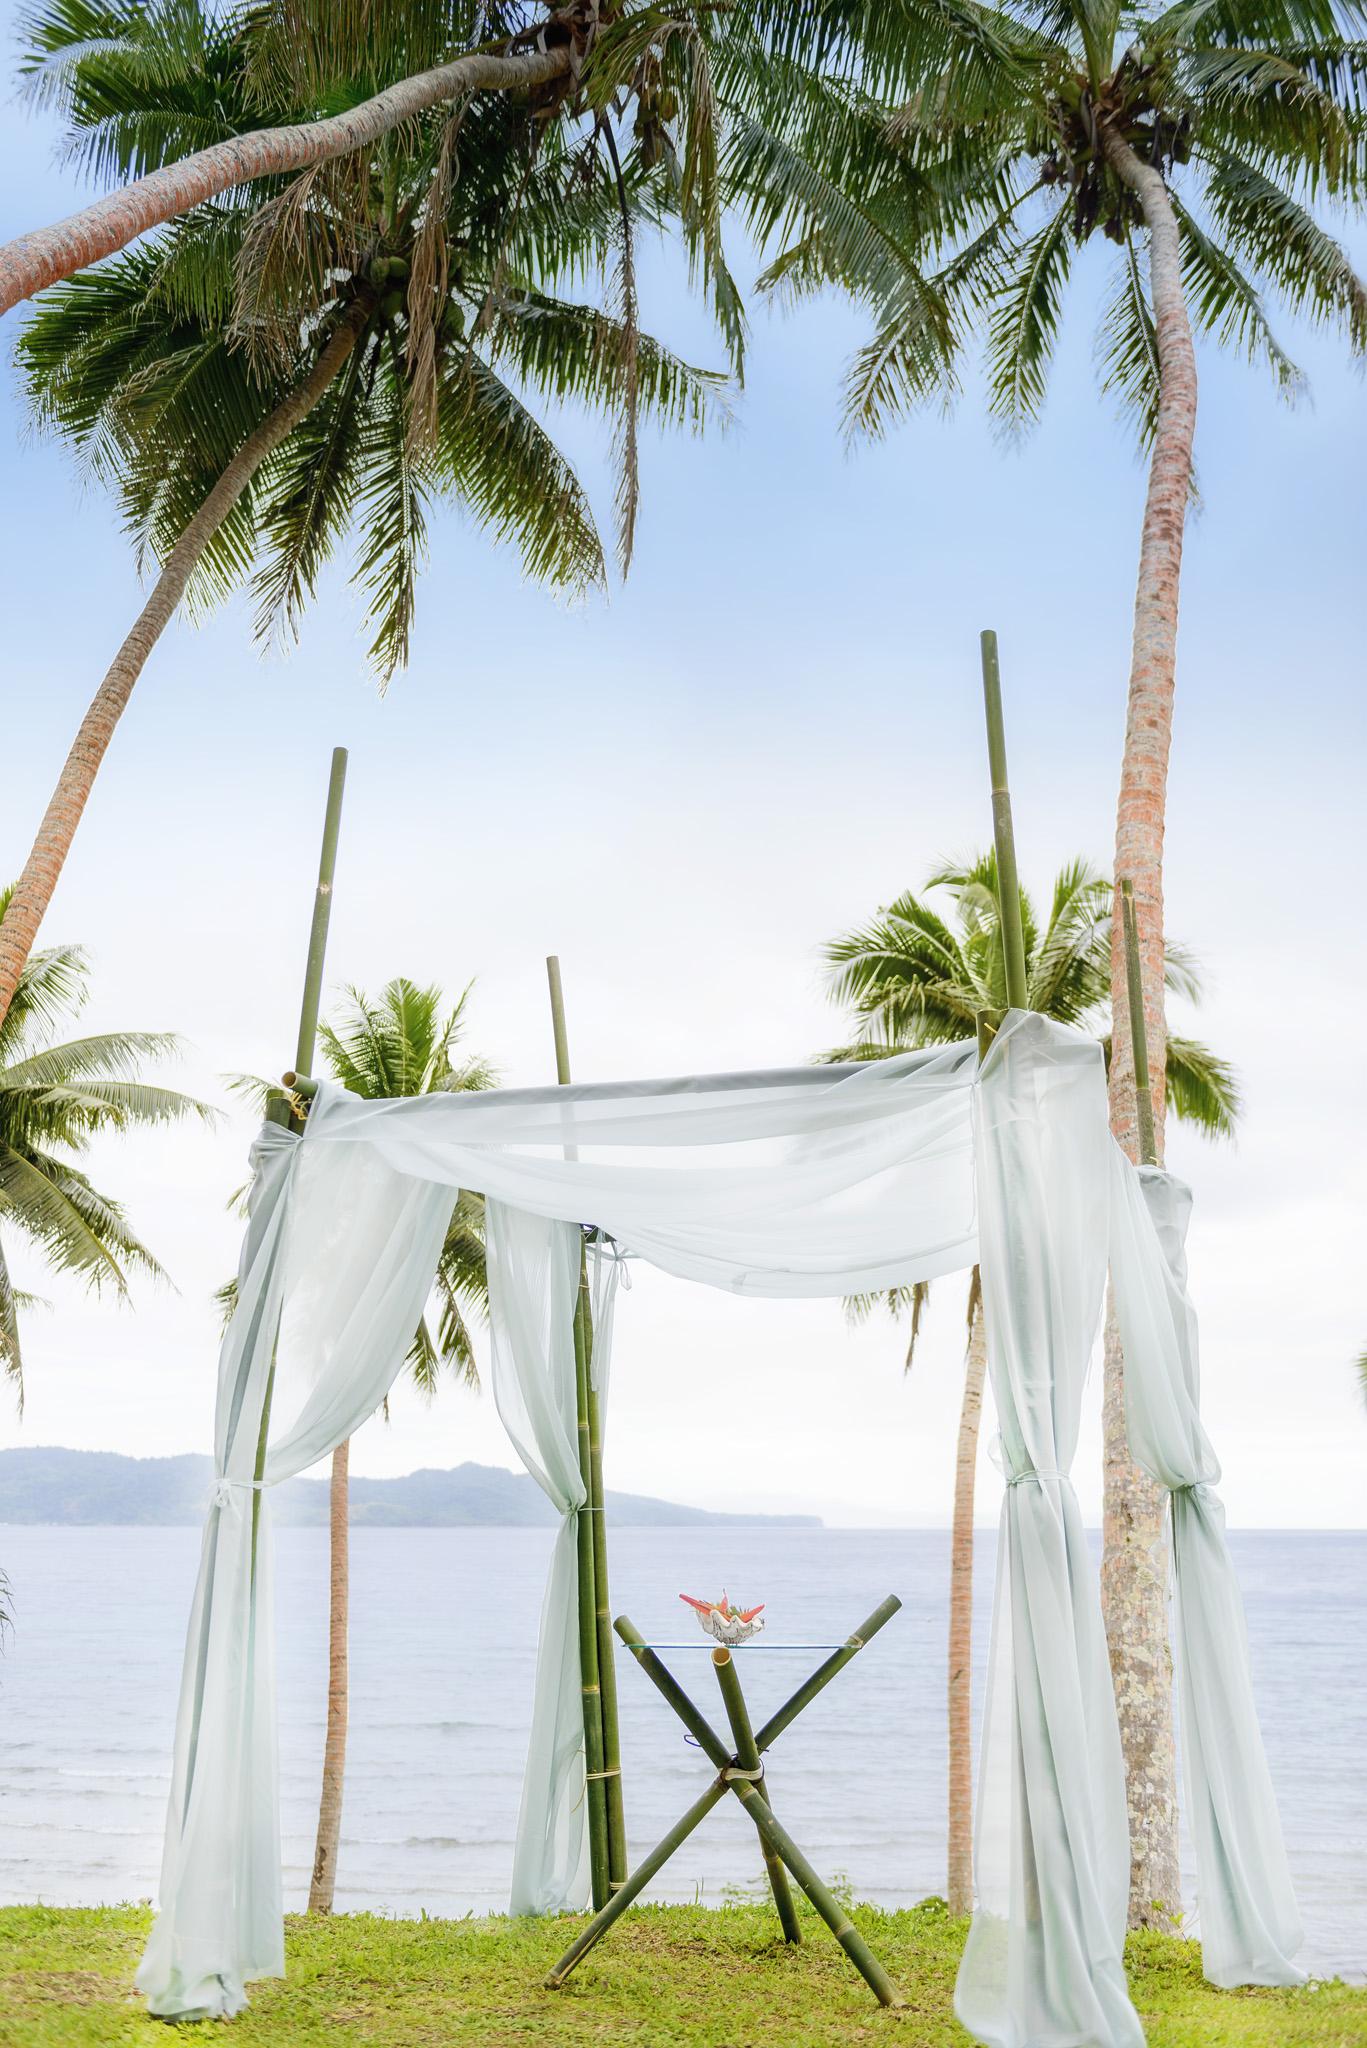 Elope in Fiji - The Remote Resort Fiji Islands - Luxury wedding or elopement